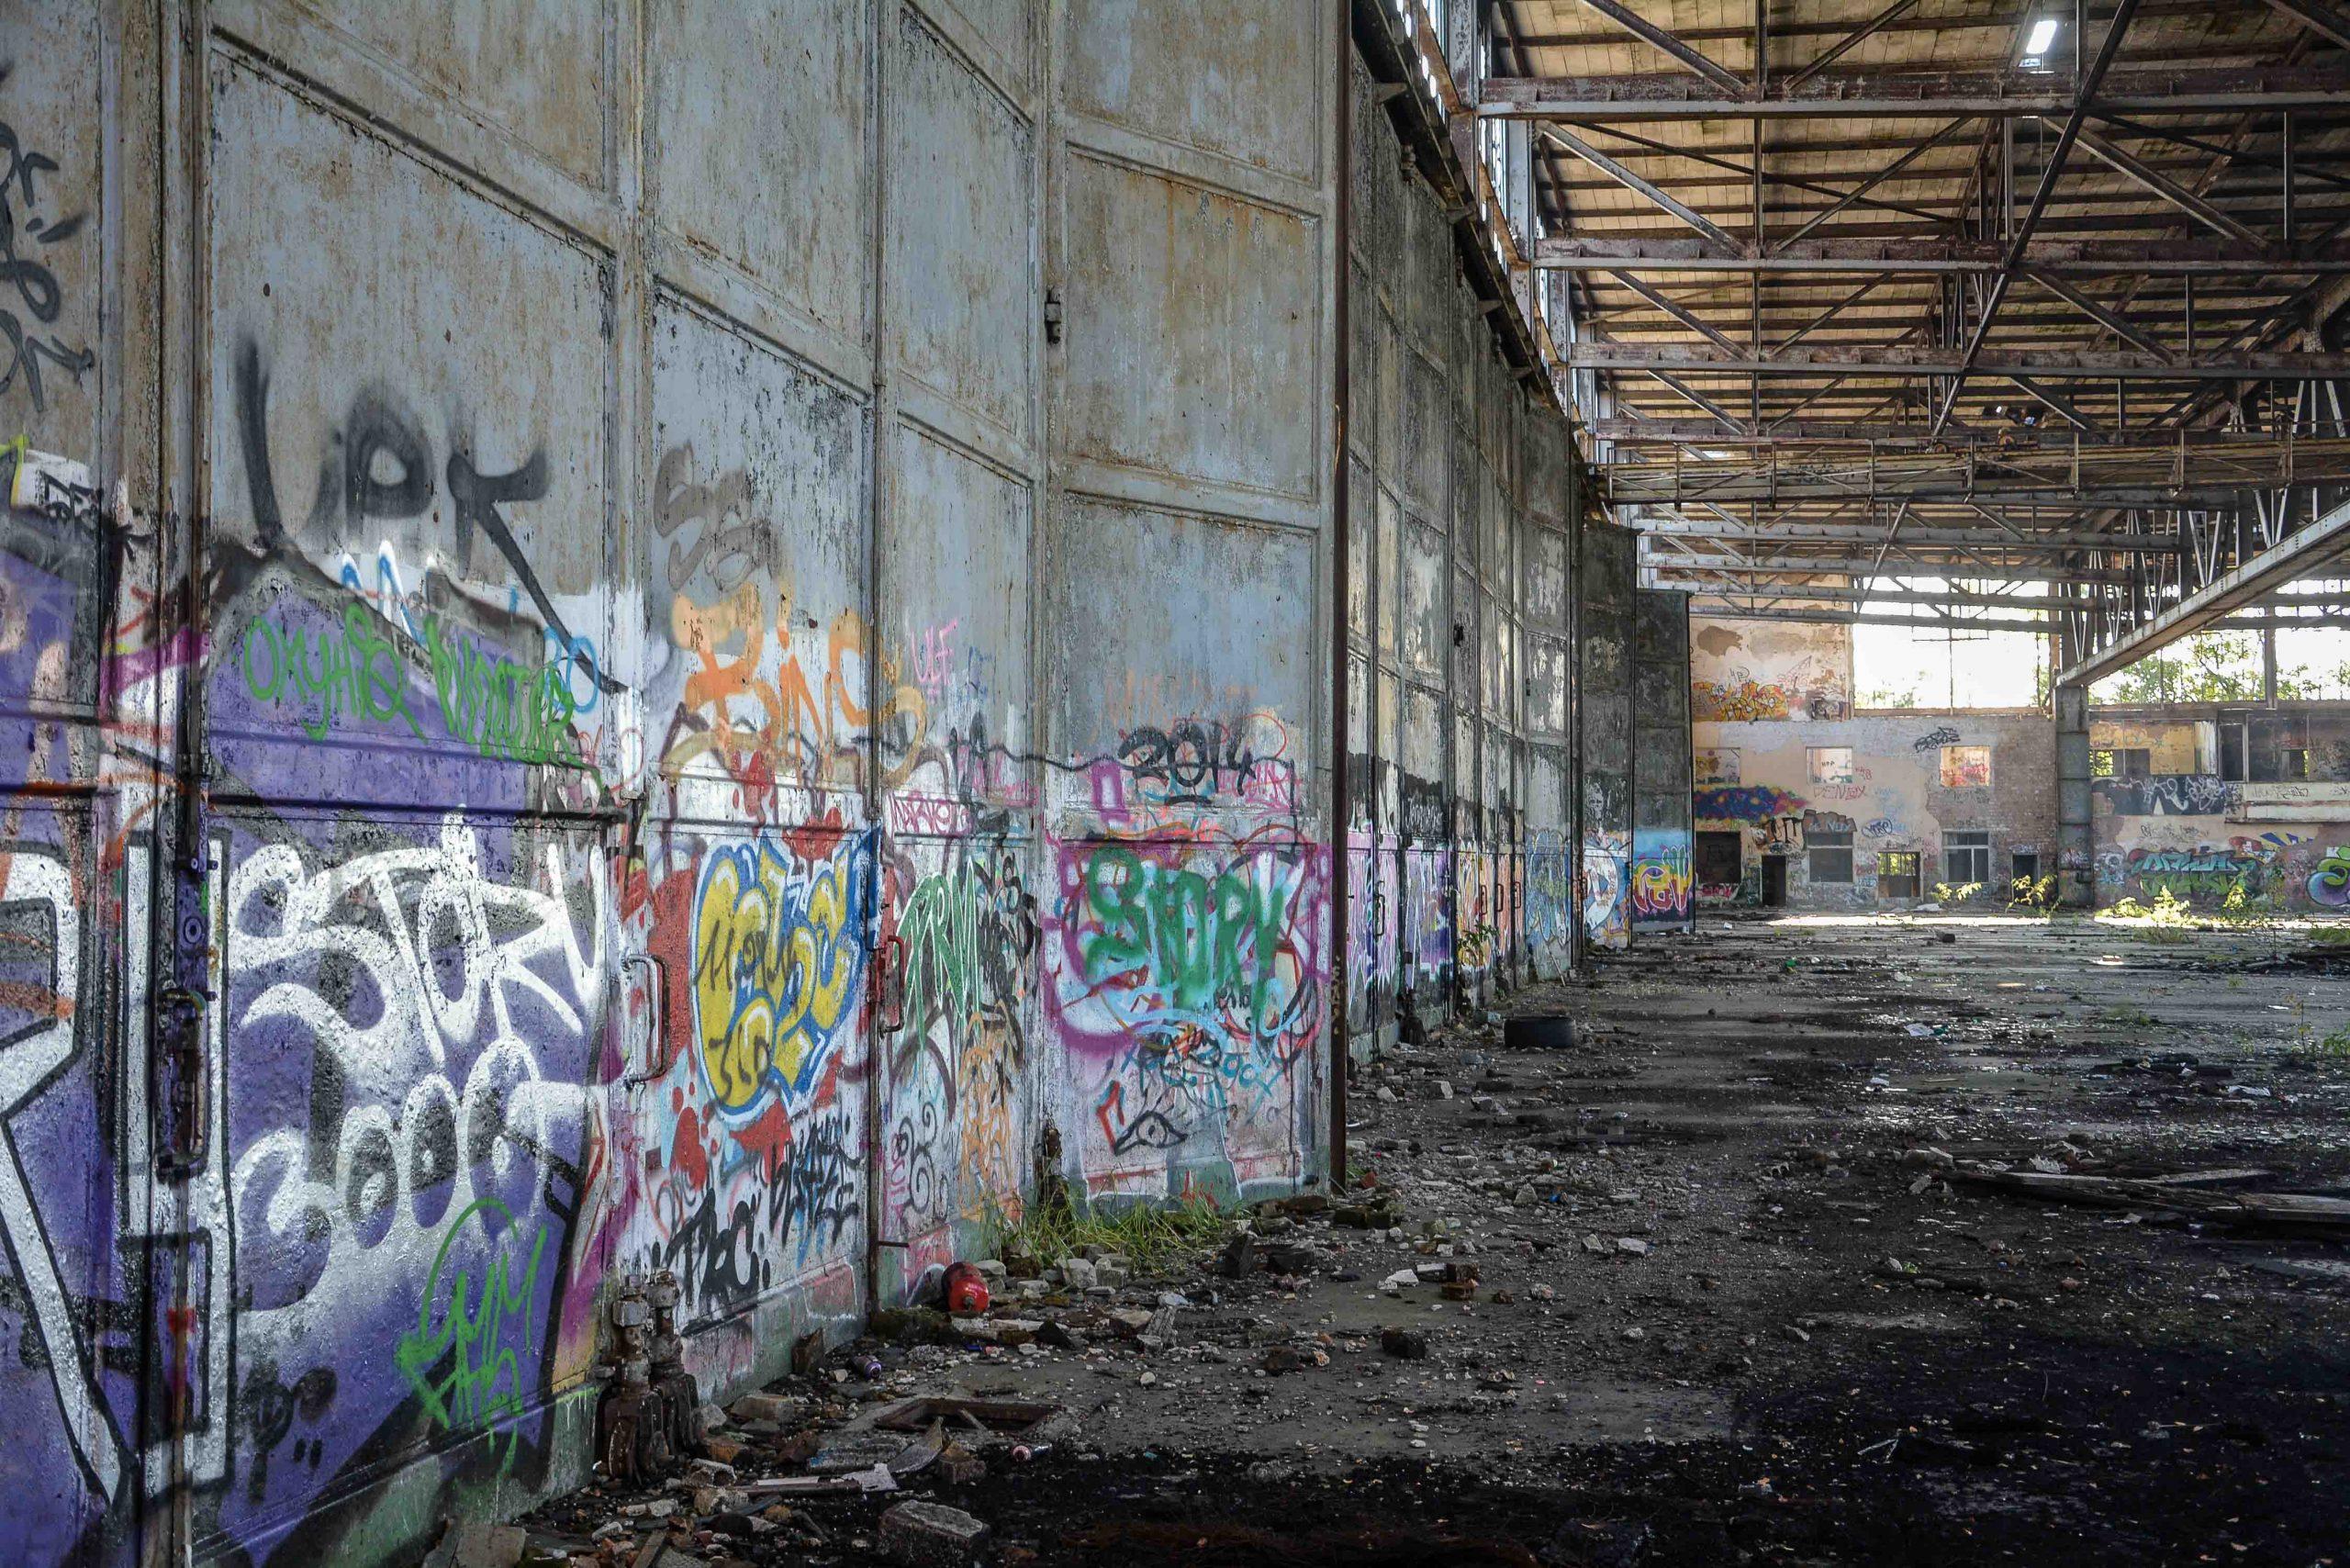 einflughalle aircraft hangar tuer flugplatz oranienburg urbex abandoned lost places brandenburg